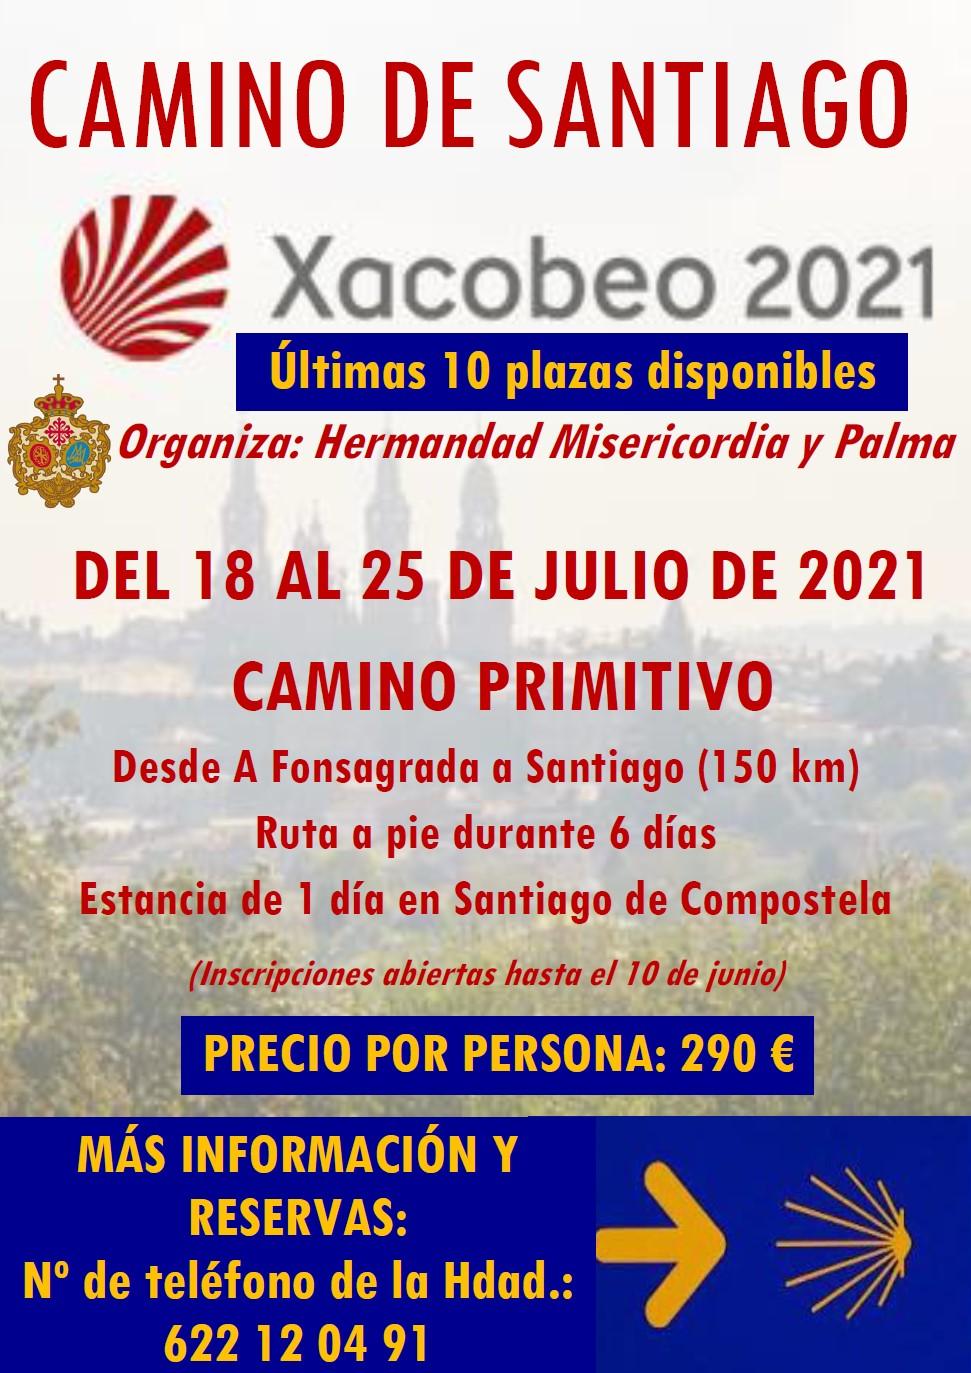 Últimas 10 plazas para el Camino de Santiago